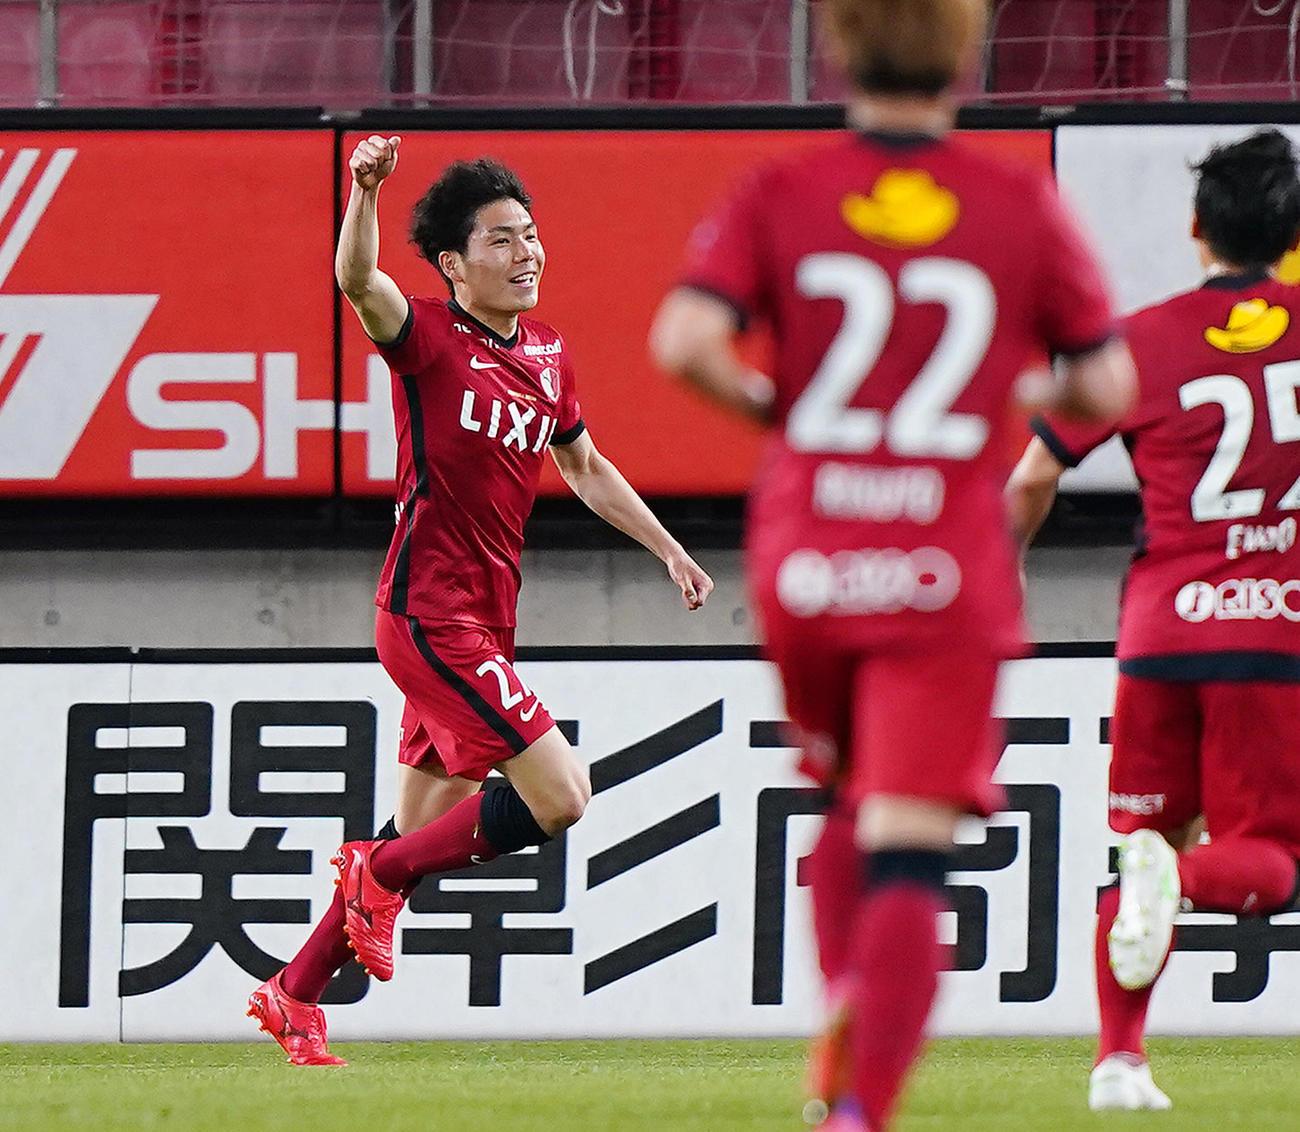 鹿島対札幌 前半、先制のゴールを決め喜ぶ鹿島松村(撮影・菅敏)